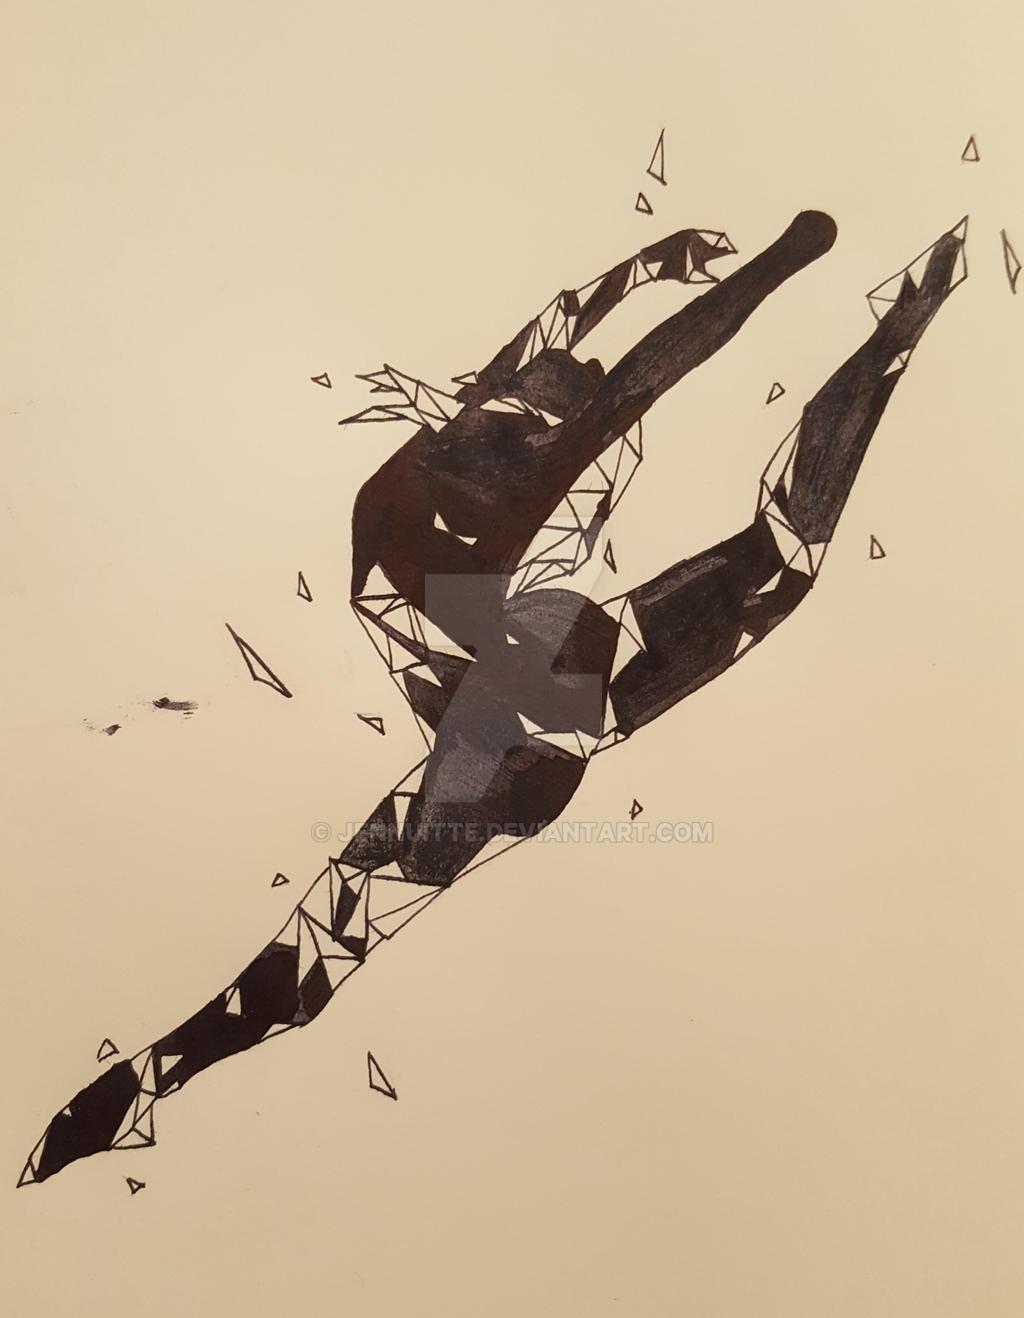 Dissolving Dancer #2 by Jennuitte